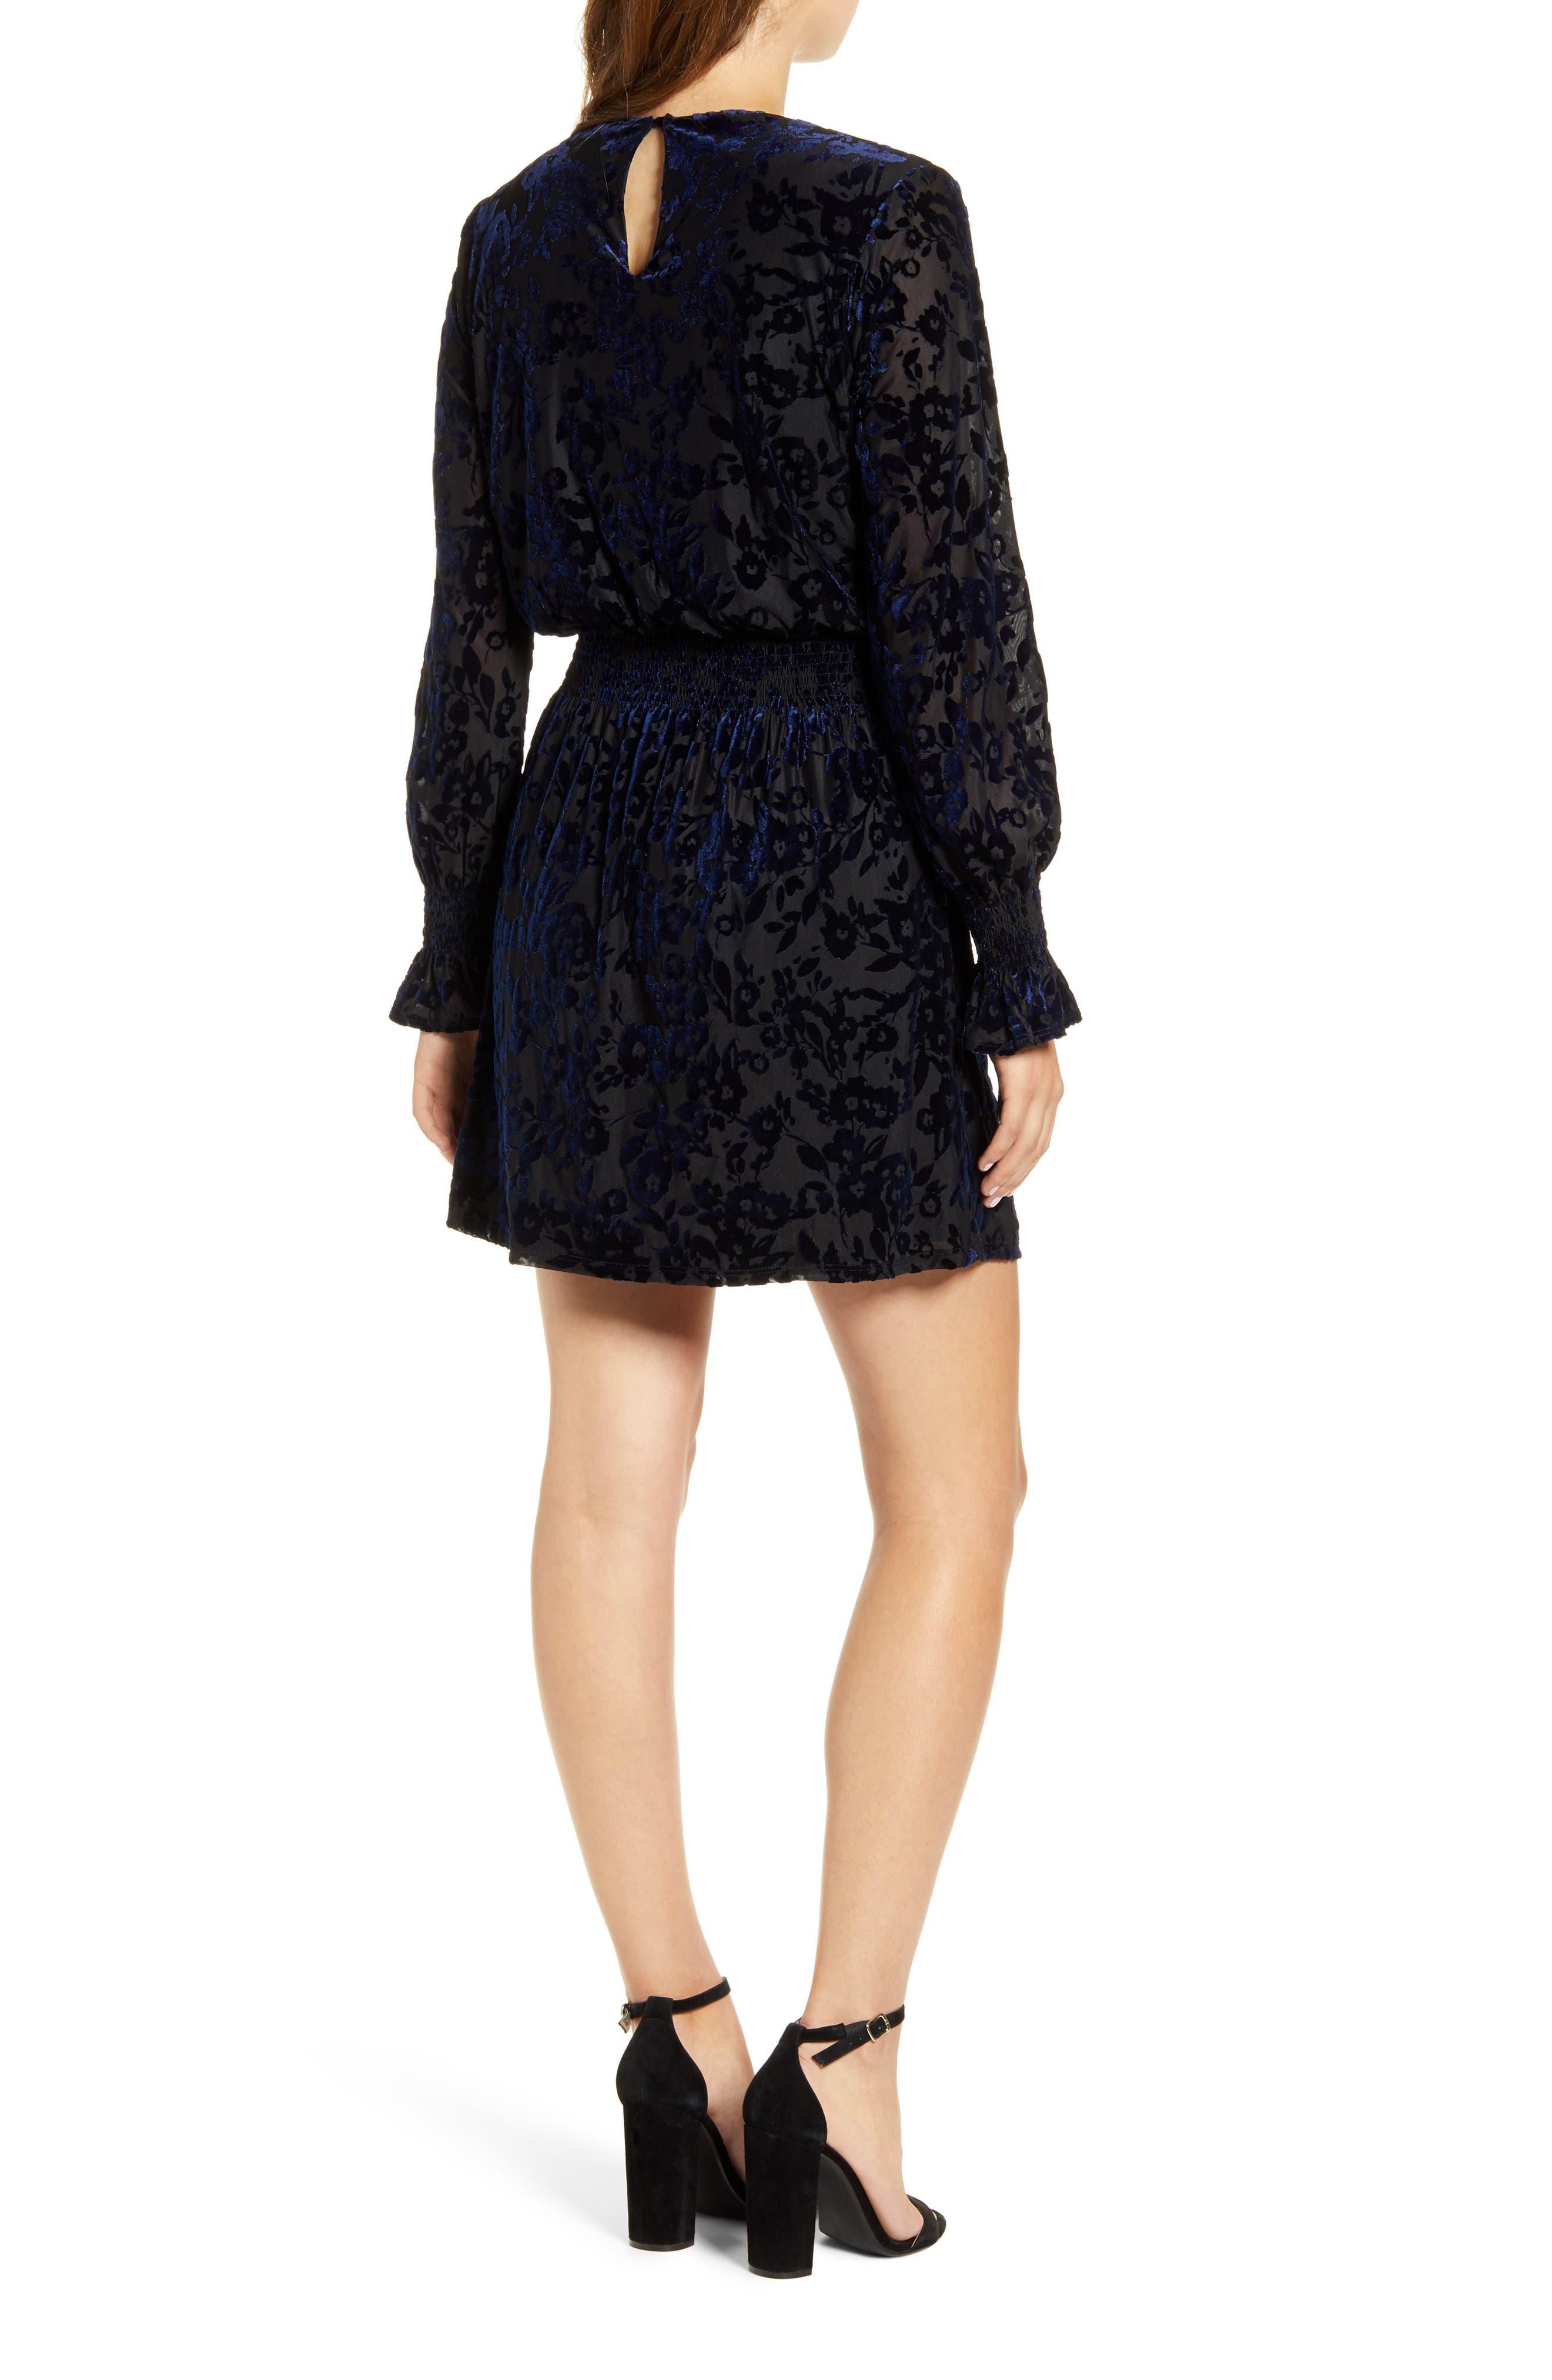 Gibsonlook   X Glam Tara Gibson Flocked Velvet Long Sleeve Date Dress   Nordstrom Rack